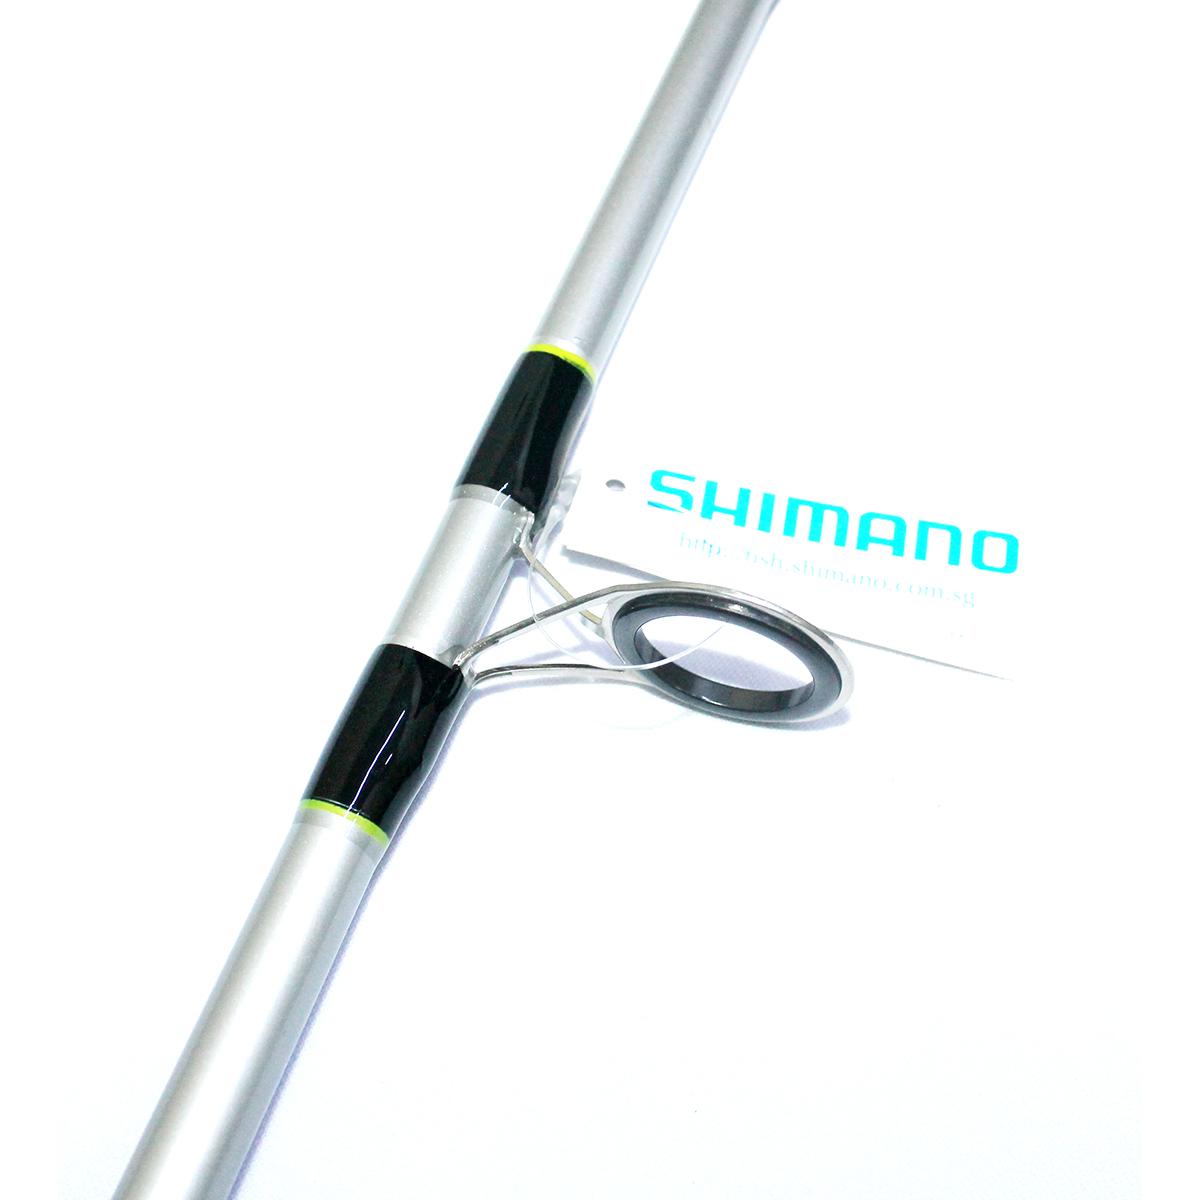 Cần Câu Máy Hai Khúc Đặc Shimano Cruzar 802 Vàng Chanh -  2m4 Chính Hãng